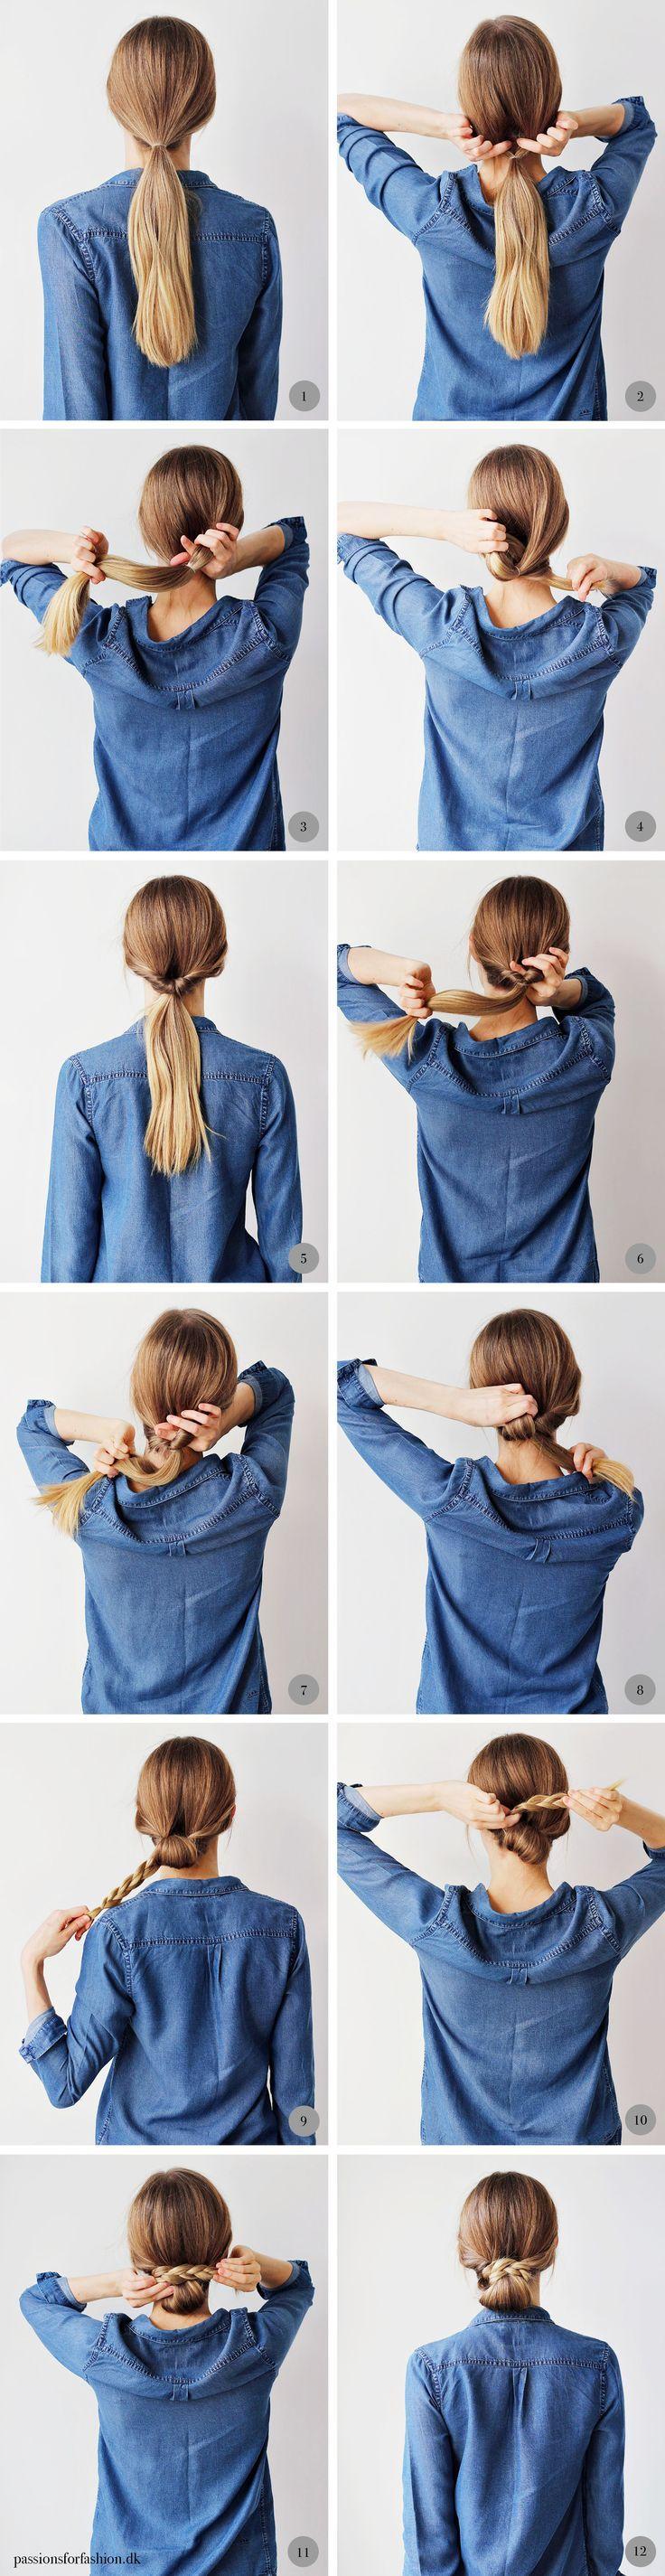 Wenn du es eilig hast, aber deinen Haaren das gewisse Etwas für's Büro verleihen möchtest, probier es mit dieser simplen Flechtfrisur! | Stylefeed